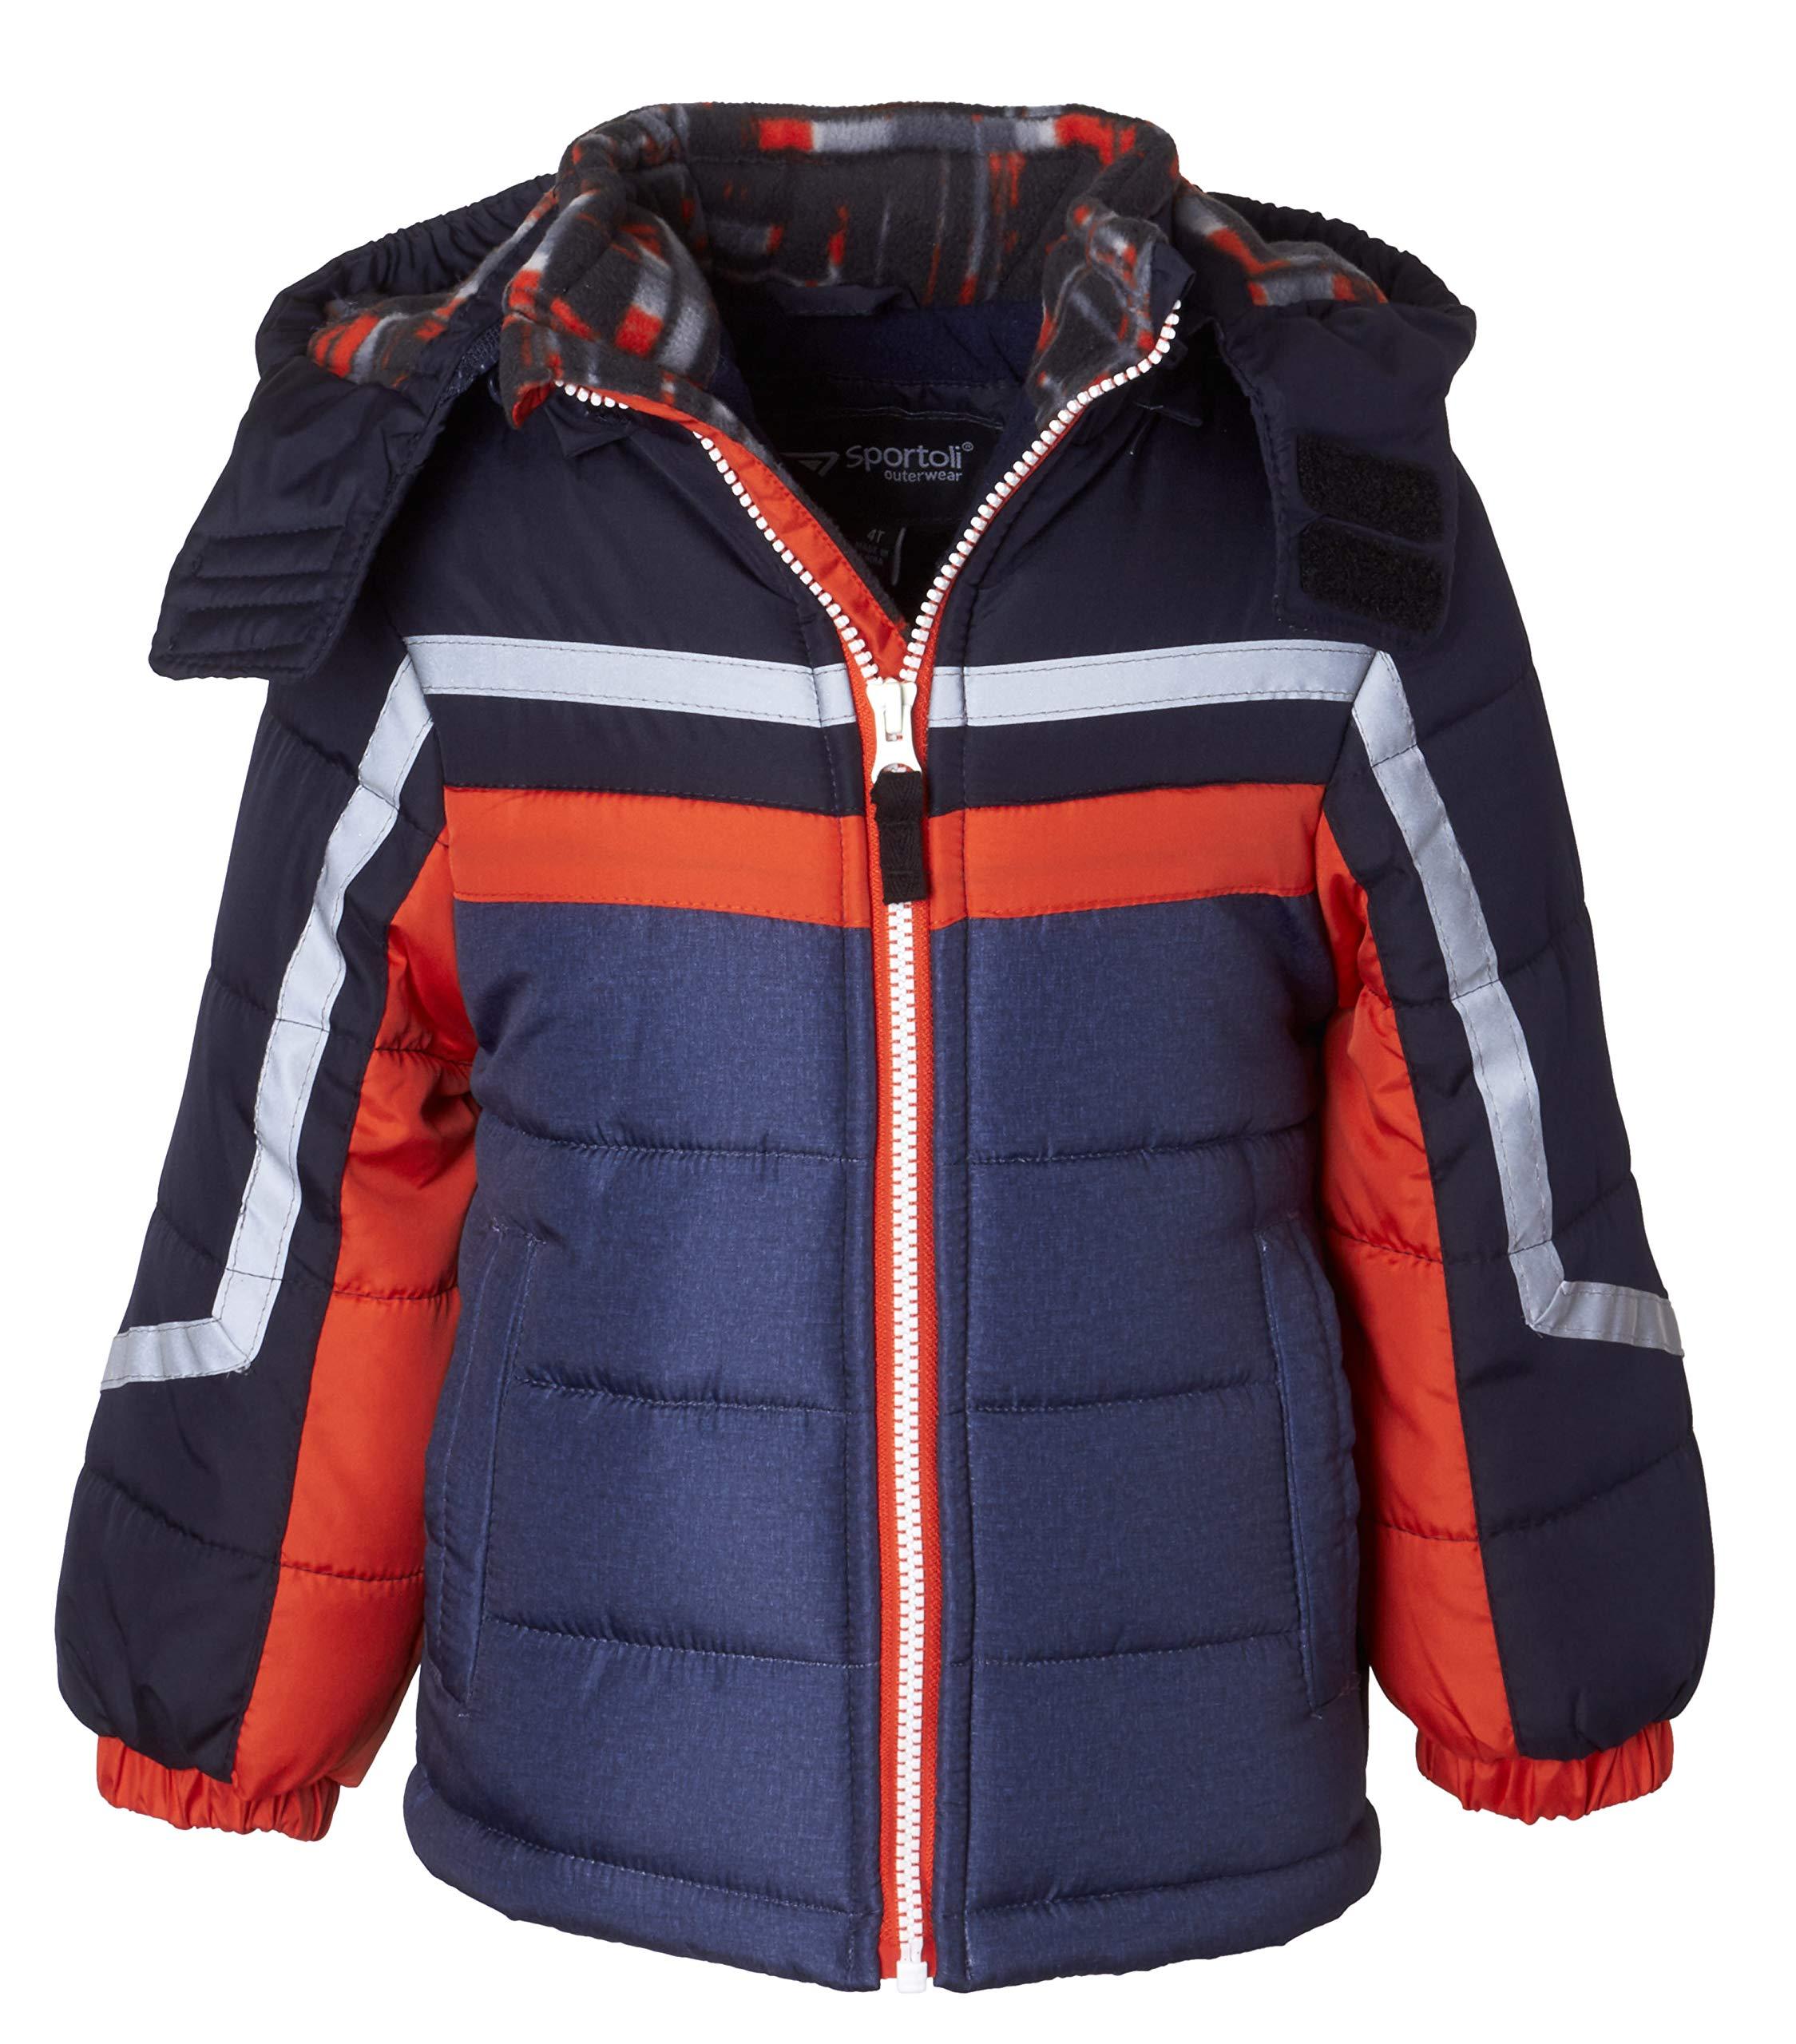 Sportoli Boys' Fleece Lined Hooded Colorblock Winter Puffer Bubble Jacket Coat - Orange Print (Size 5/6)